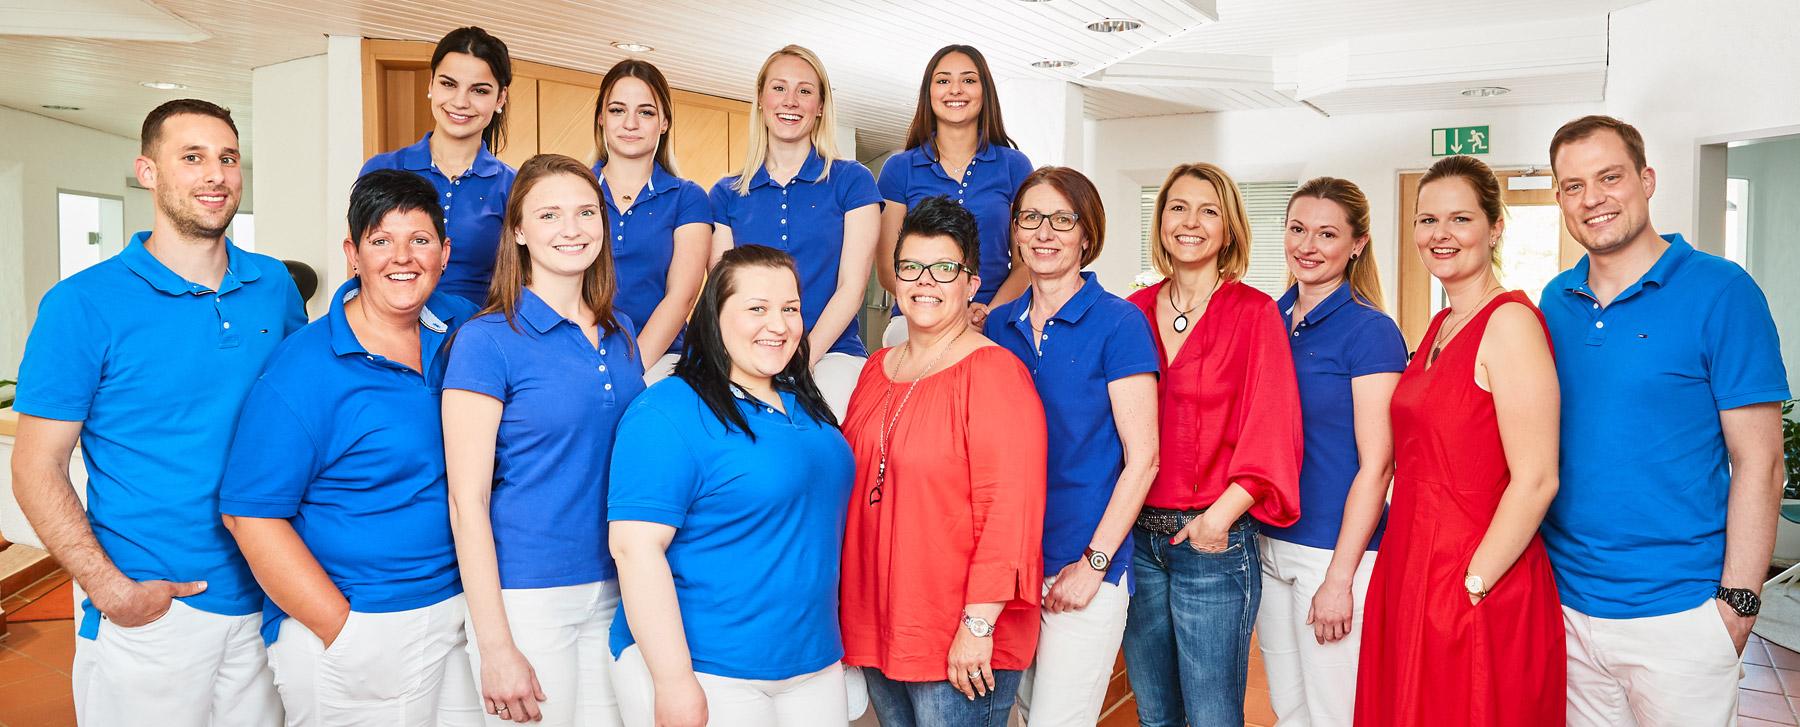 Zahnarzt Dr. Schraivogel - Team 1